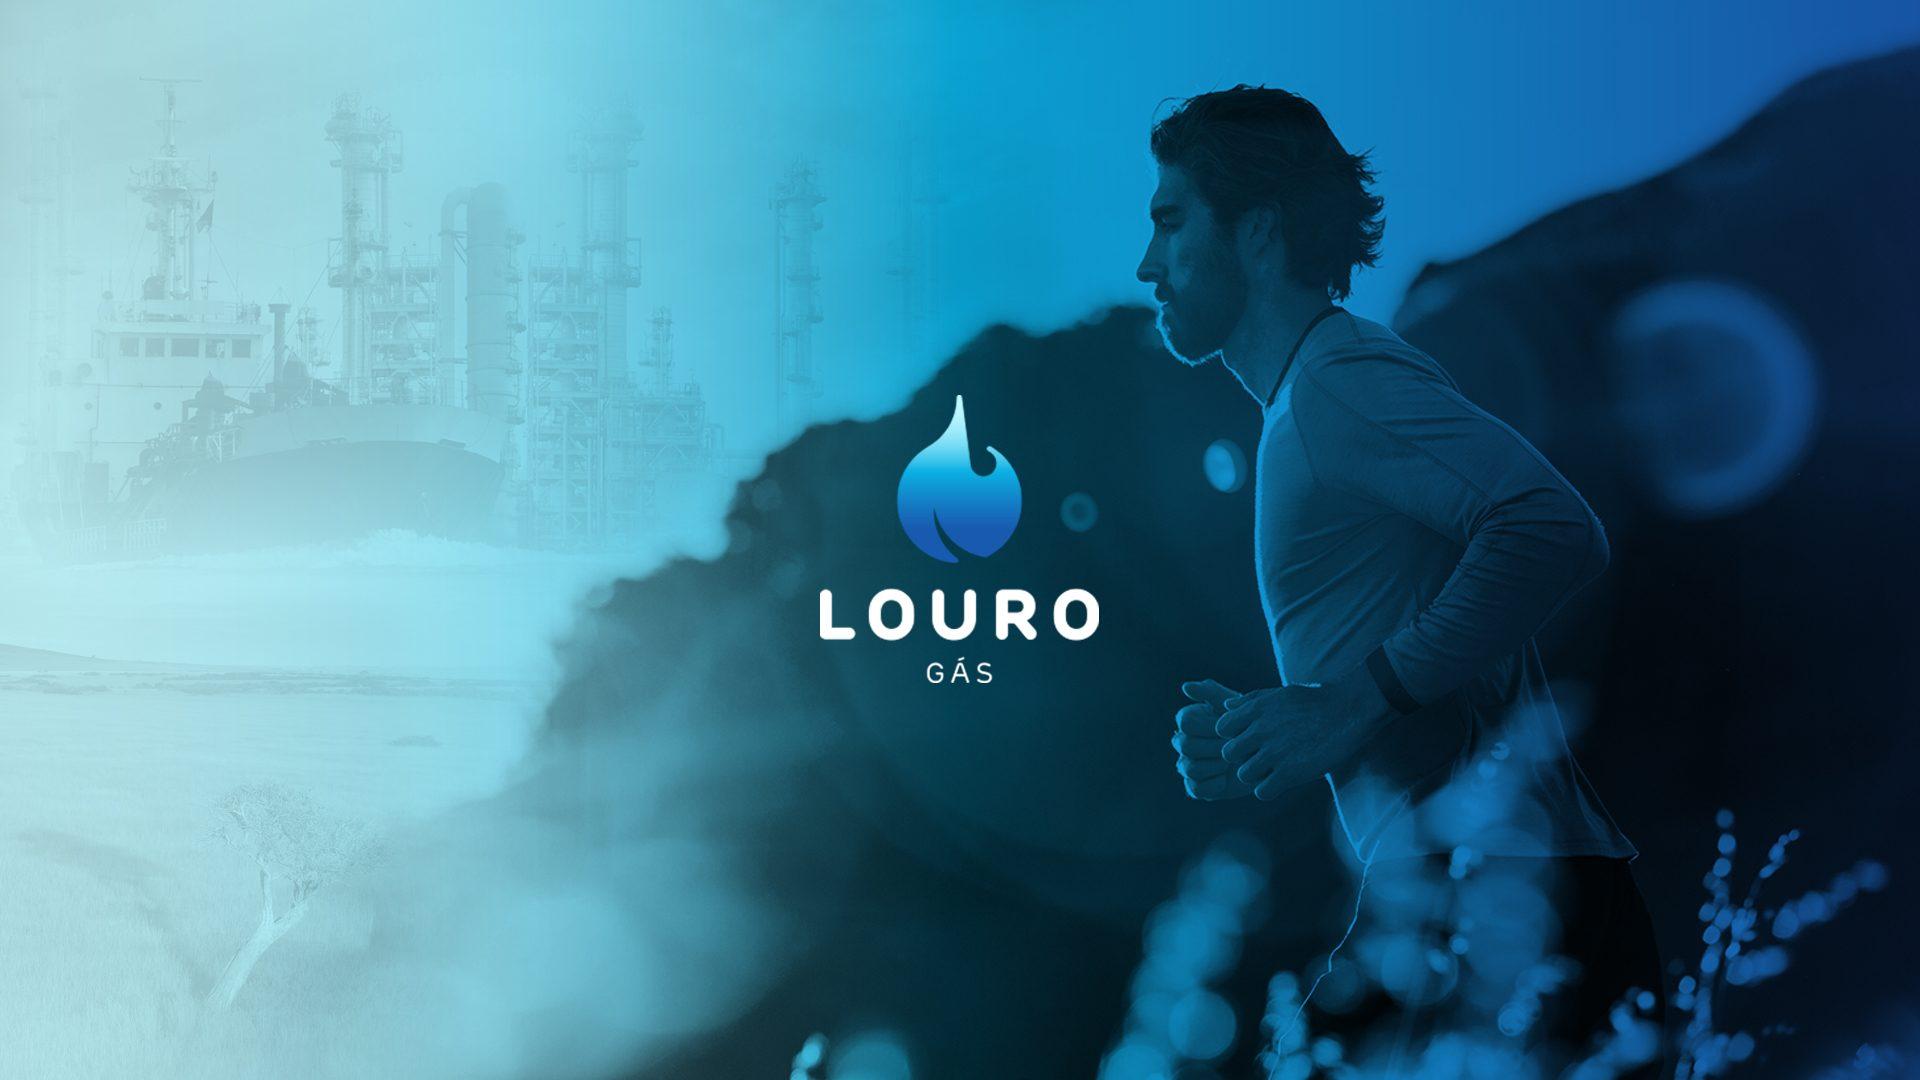 Louro Gás - Header